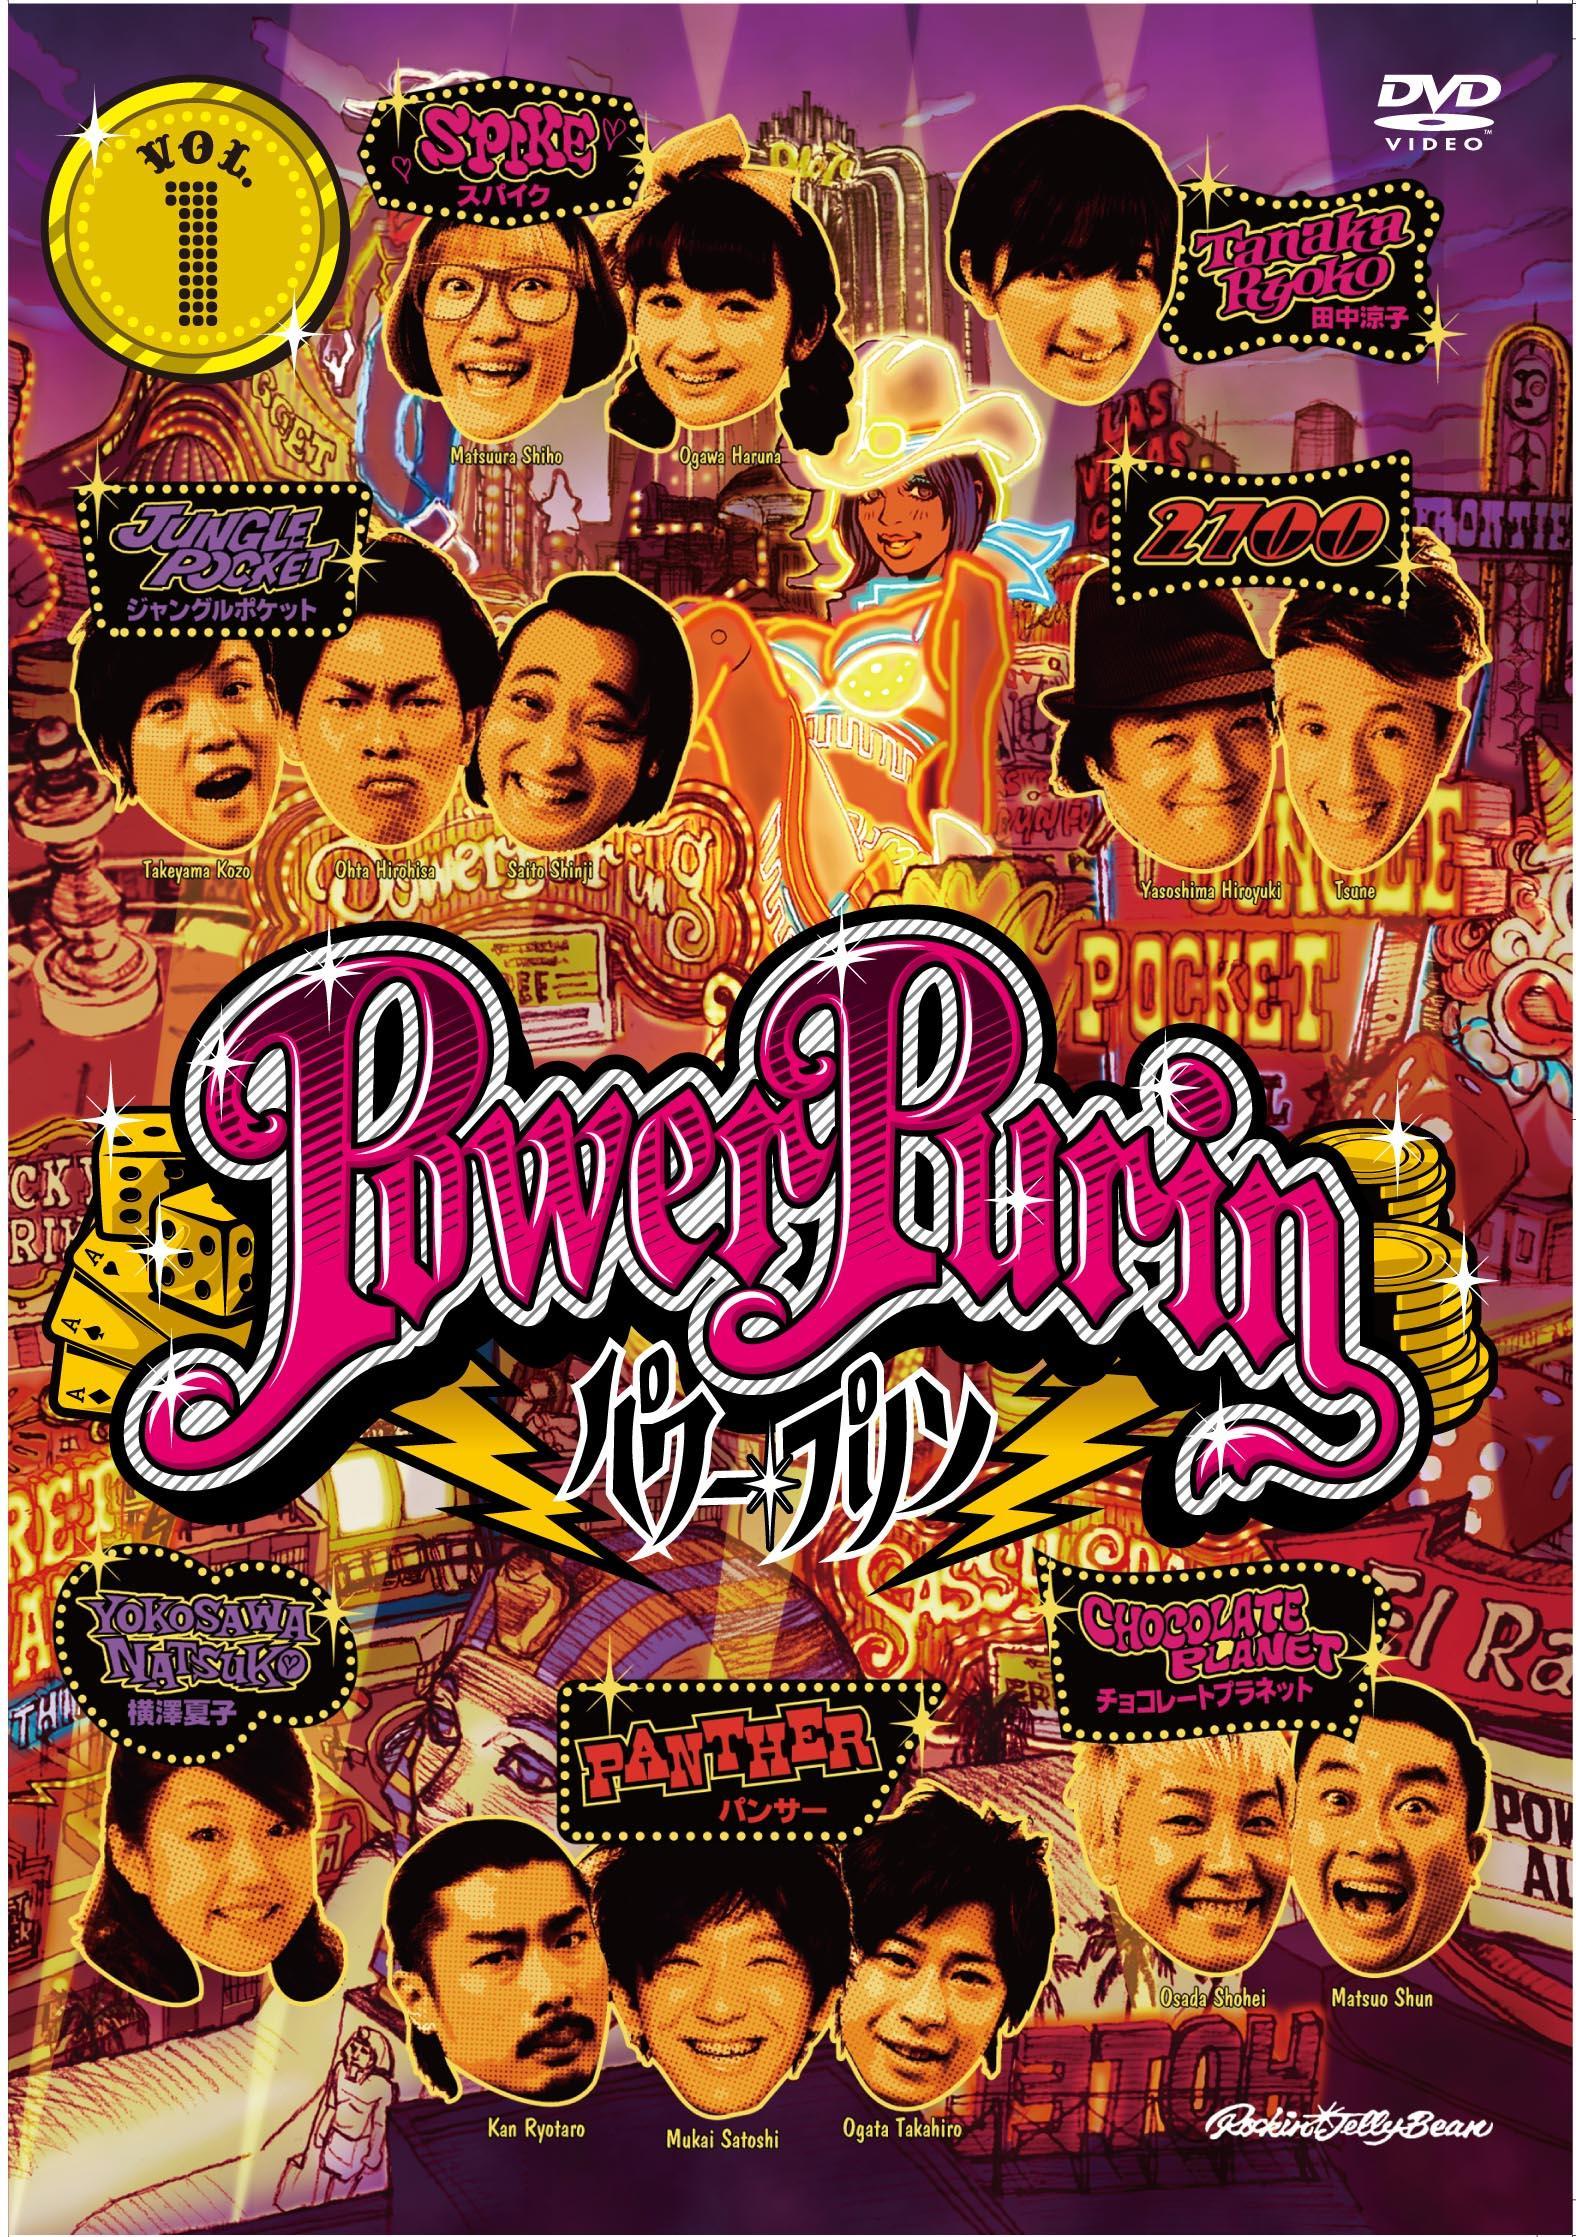 パワー☆プリン DVD vol.1 のサムネイル画像